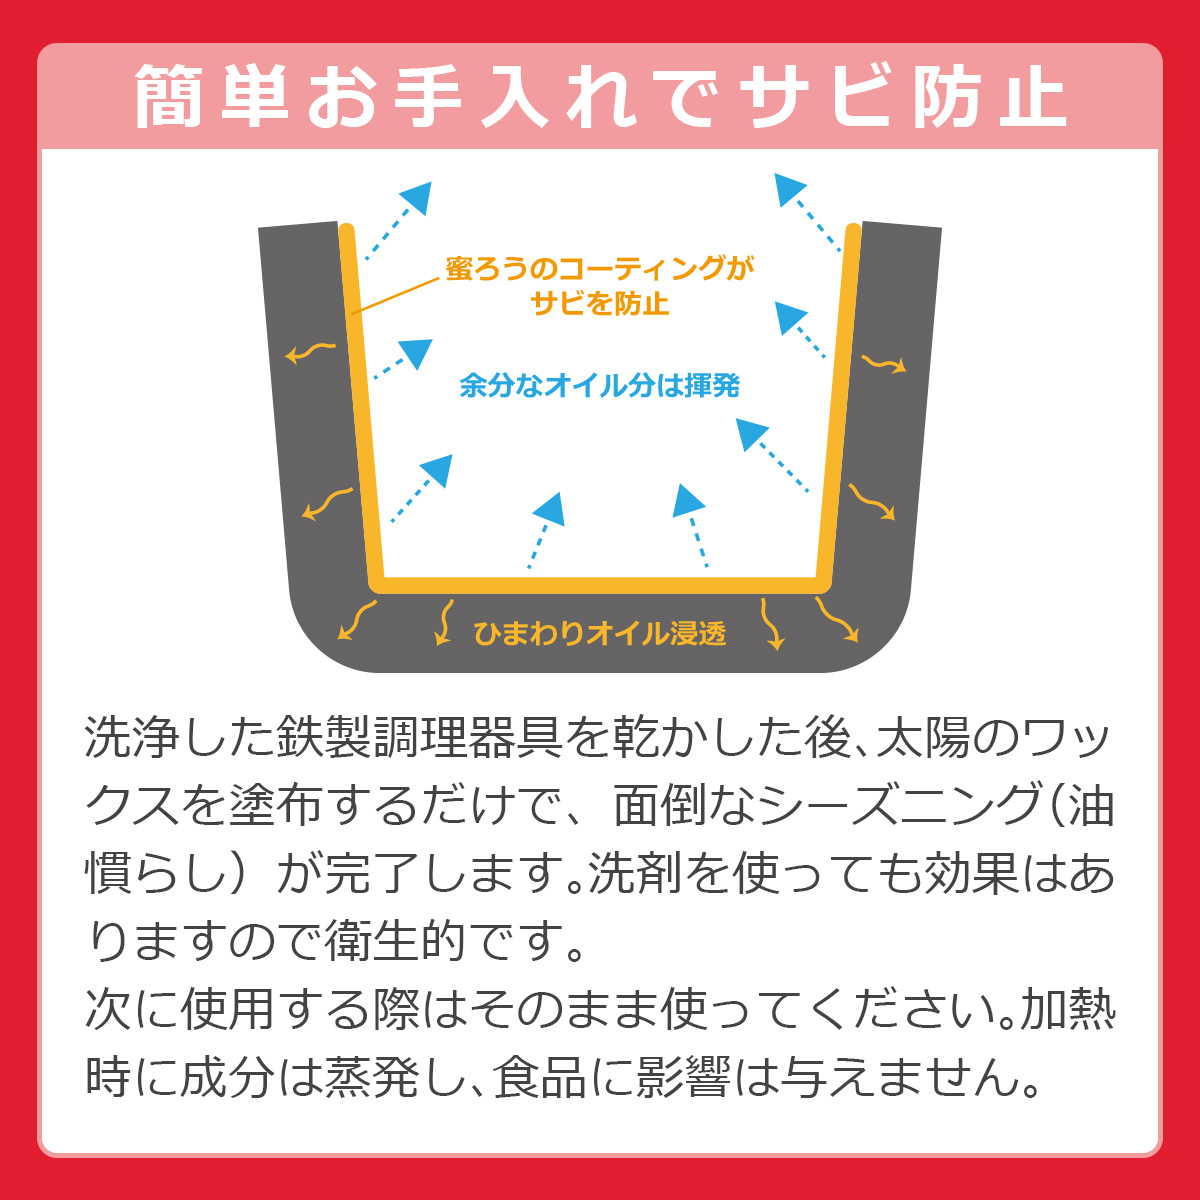 簡単お手入れでサビ防止 蜜蝋が鉄製品の表面をコーティングして保護